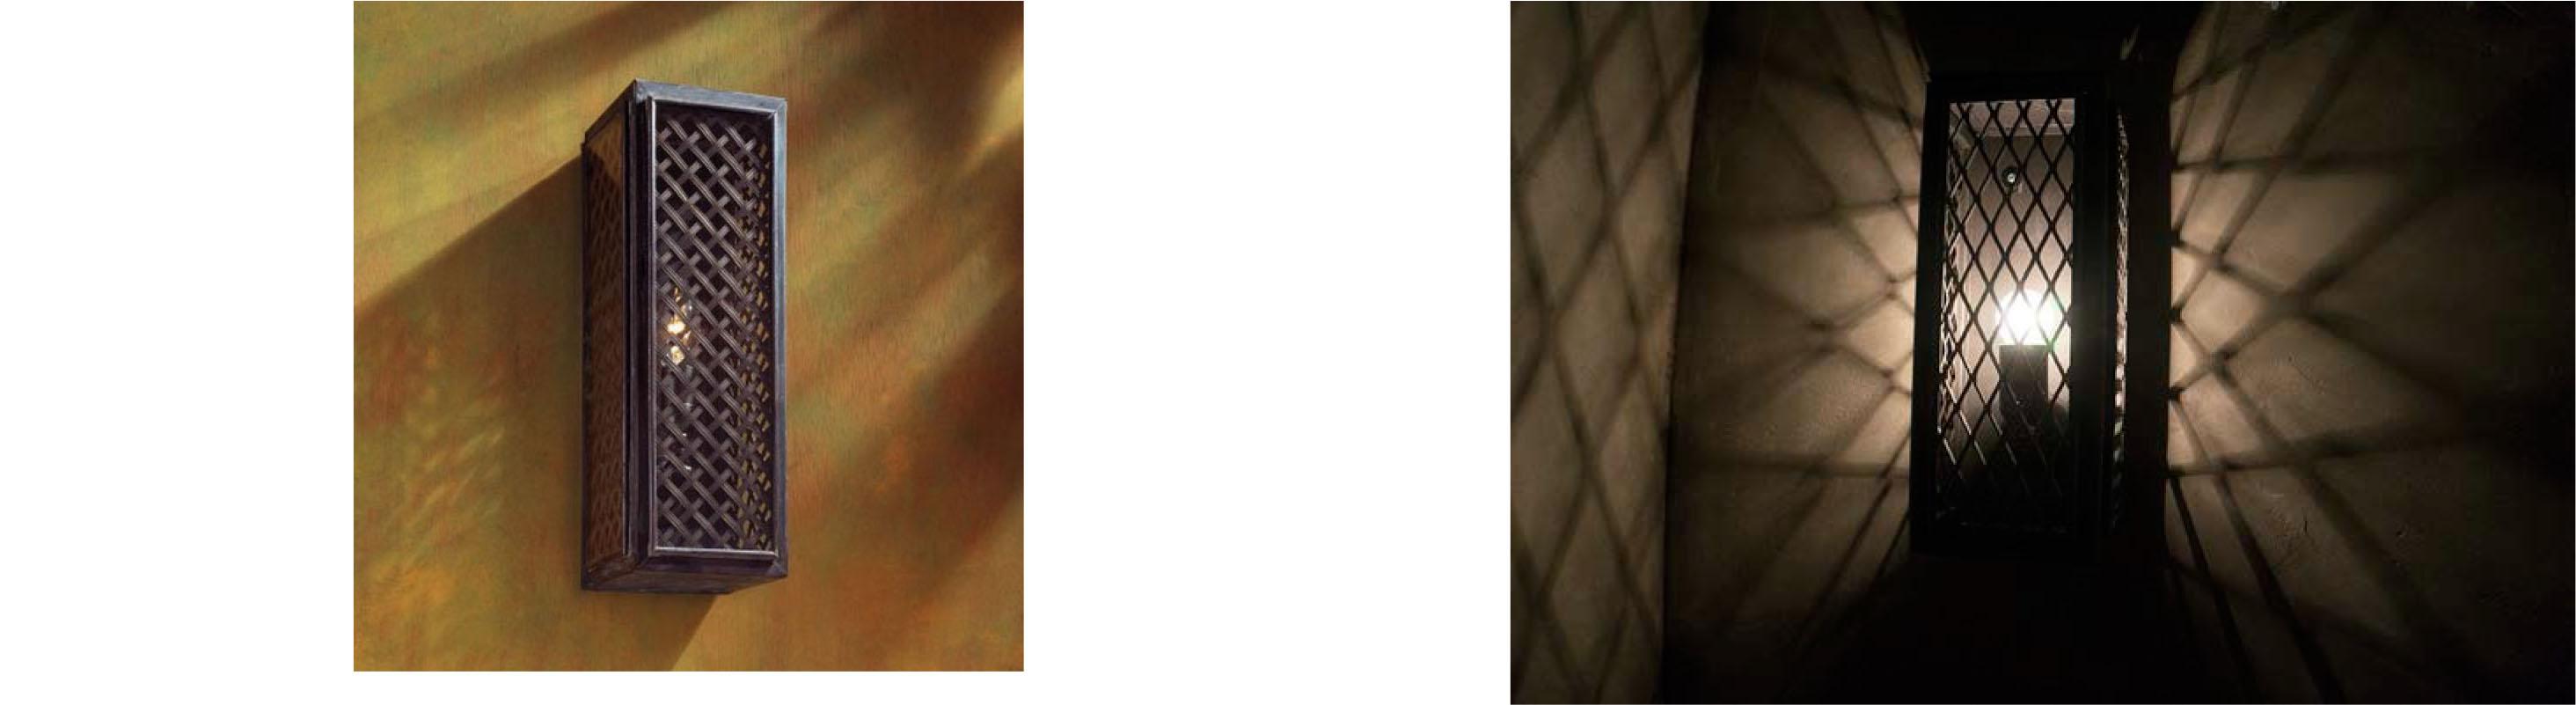 Tekna Essex mesh wall lamp